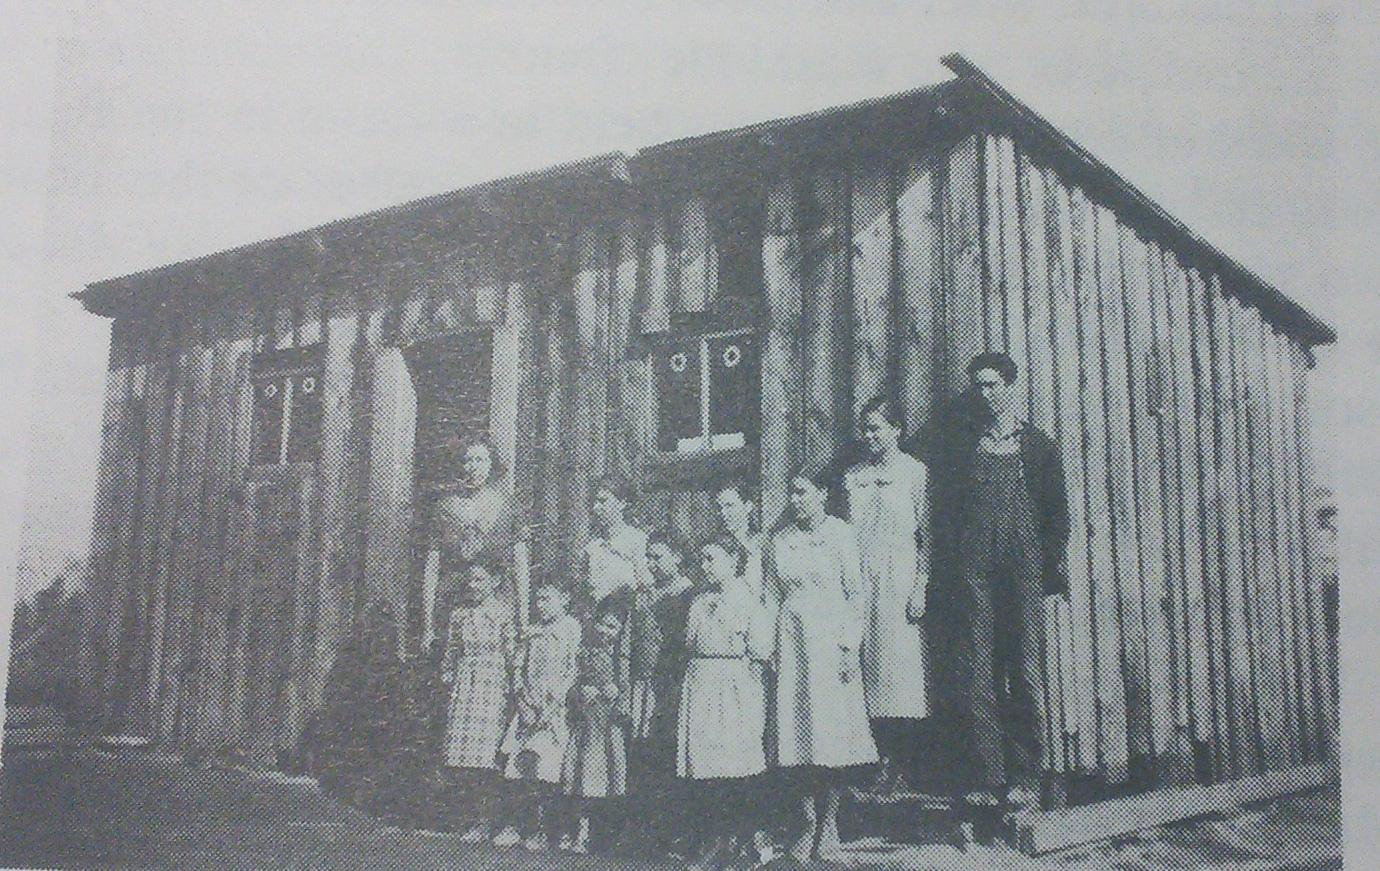 Pres Beaty School 1933